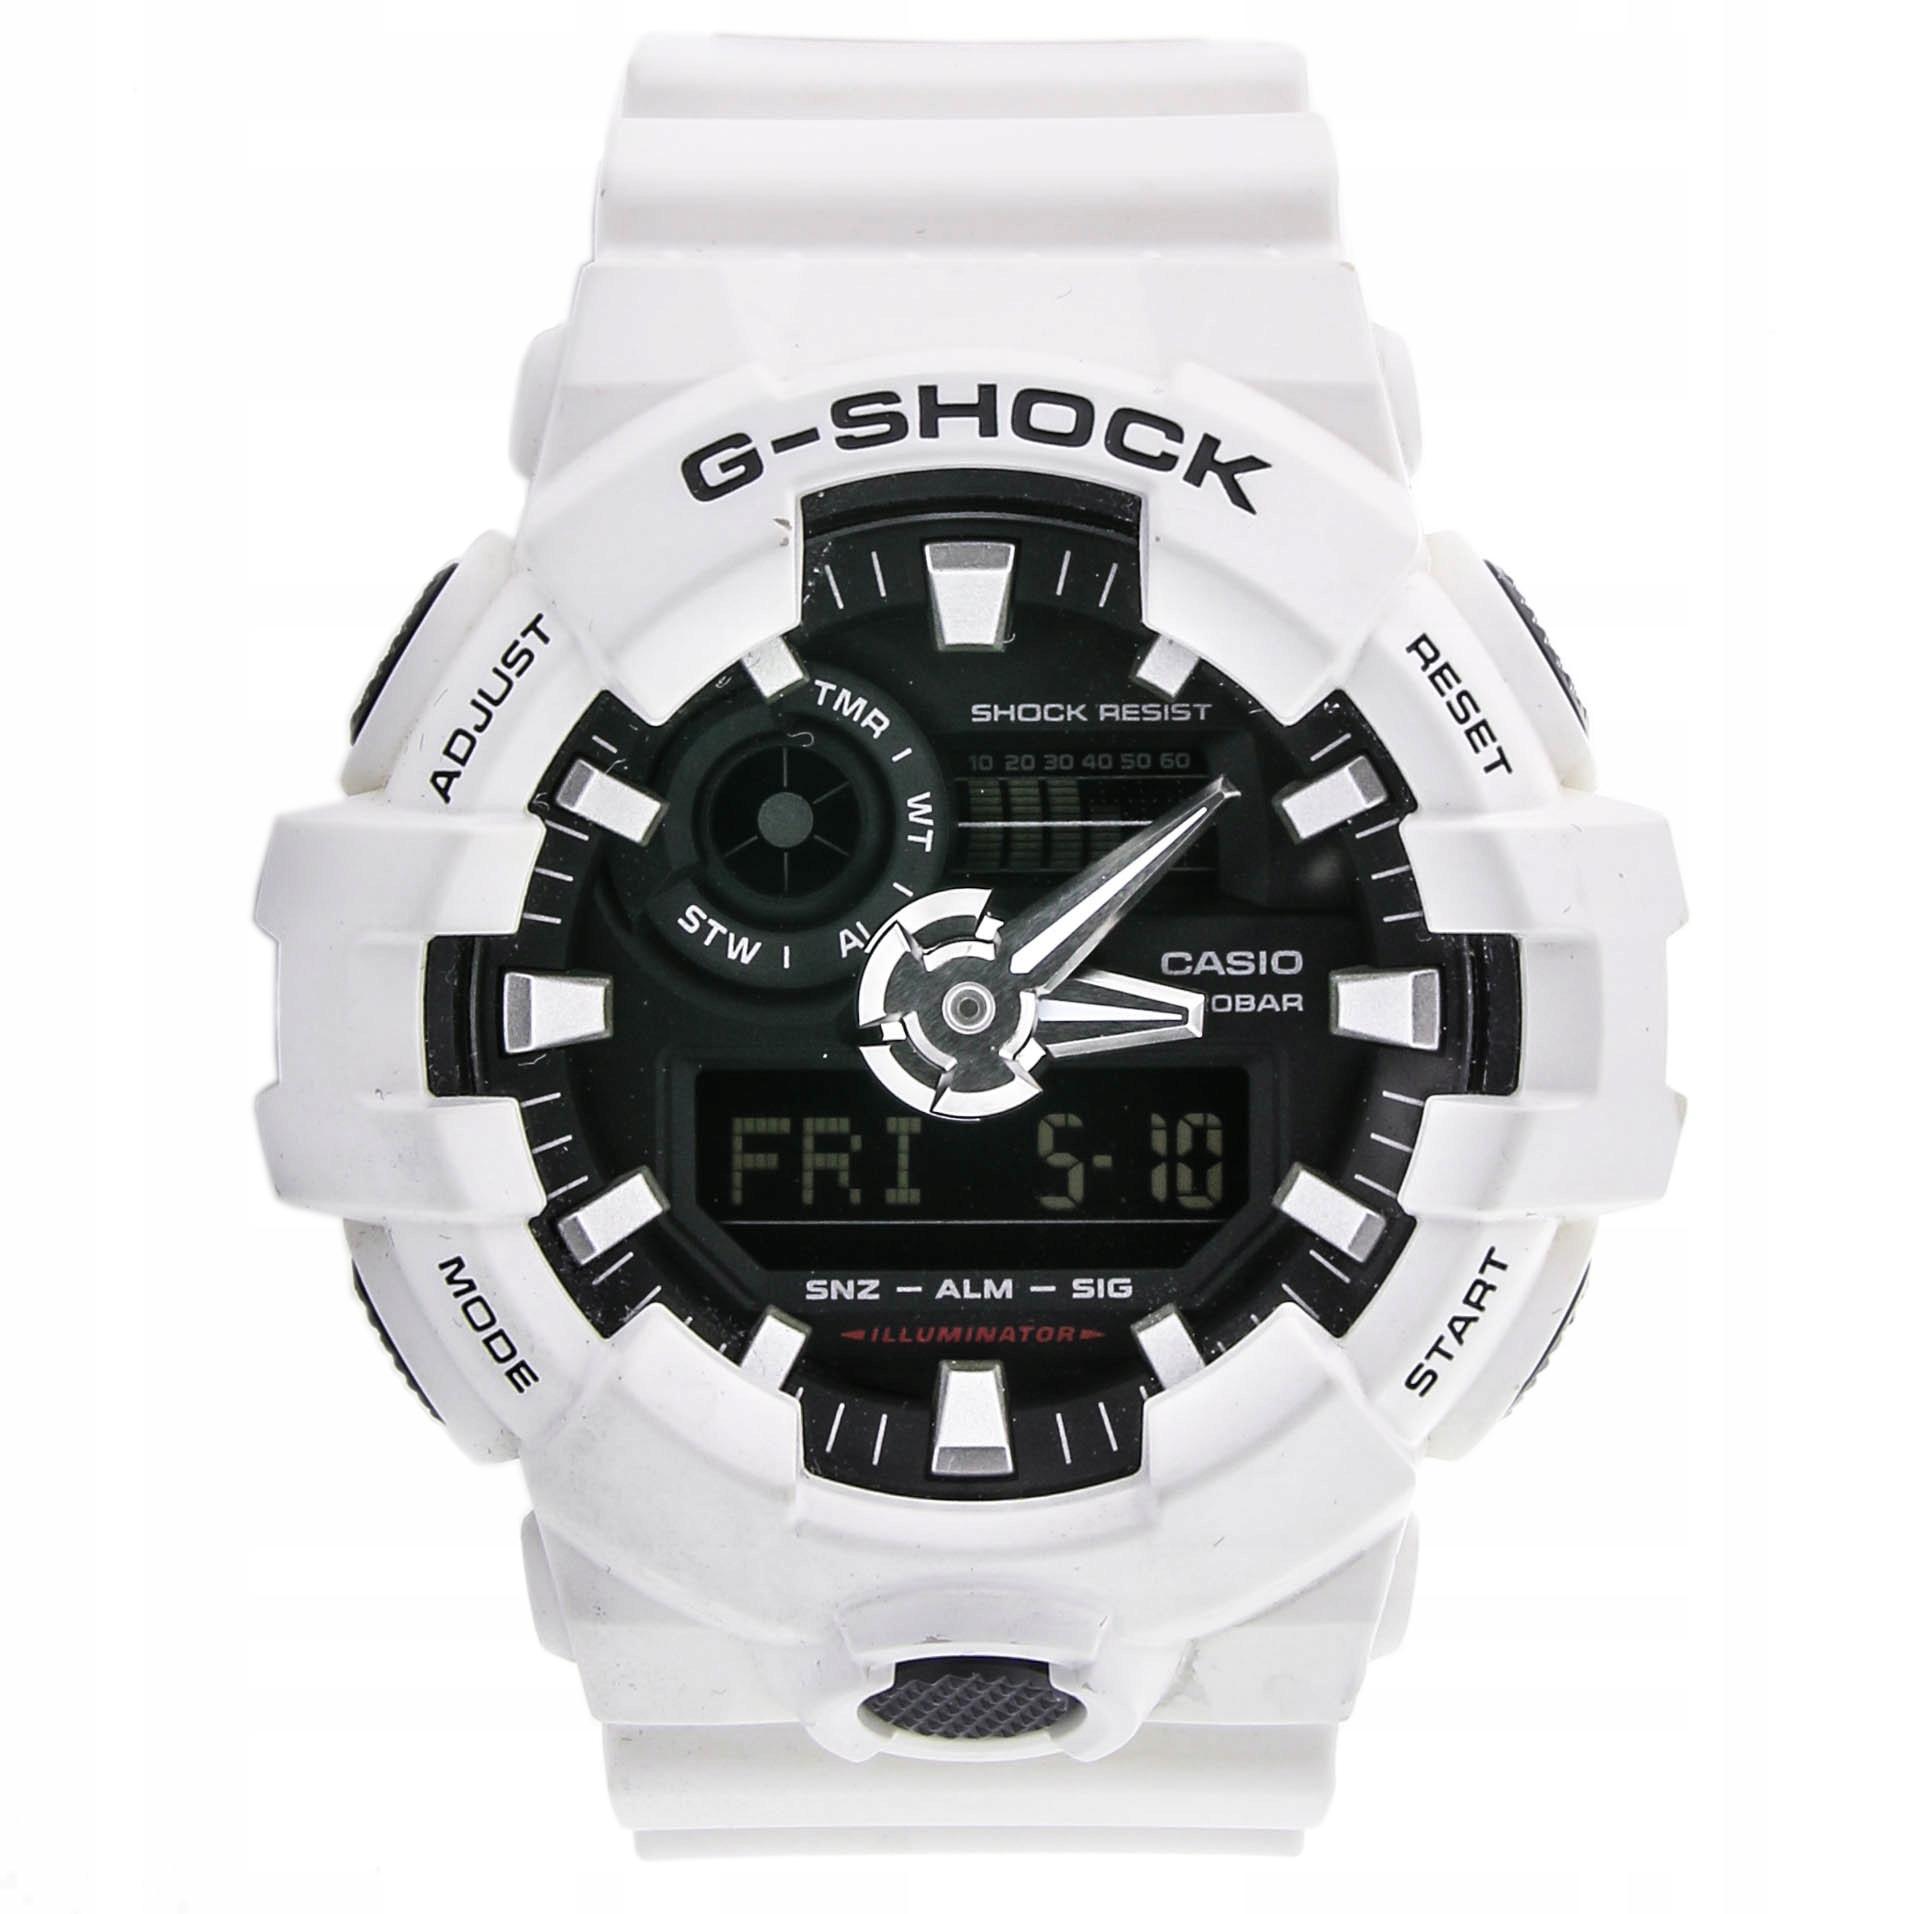 Zegarek CASIO GA-700-7AER G-SHOCK STOP-WATCH 20ATM